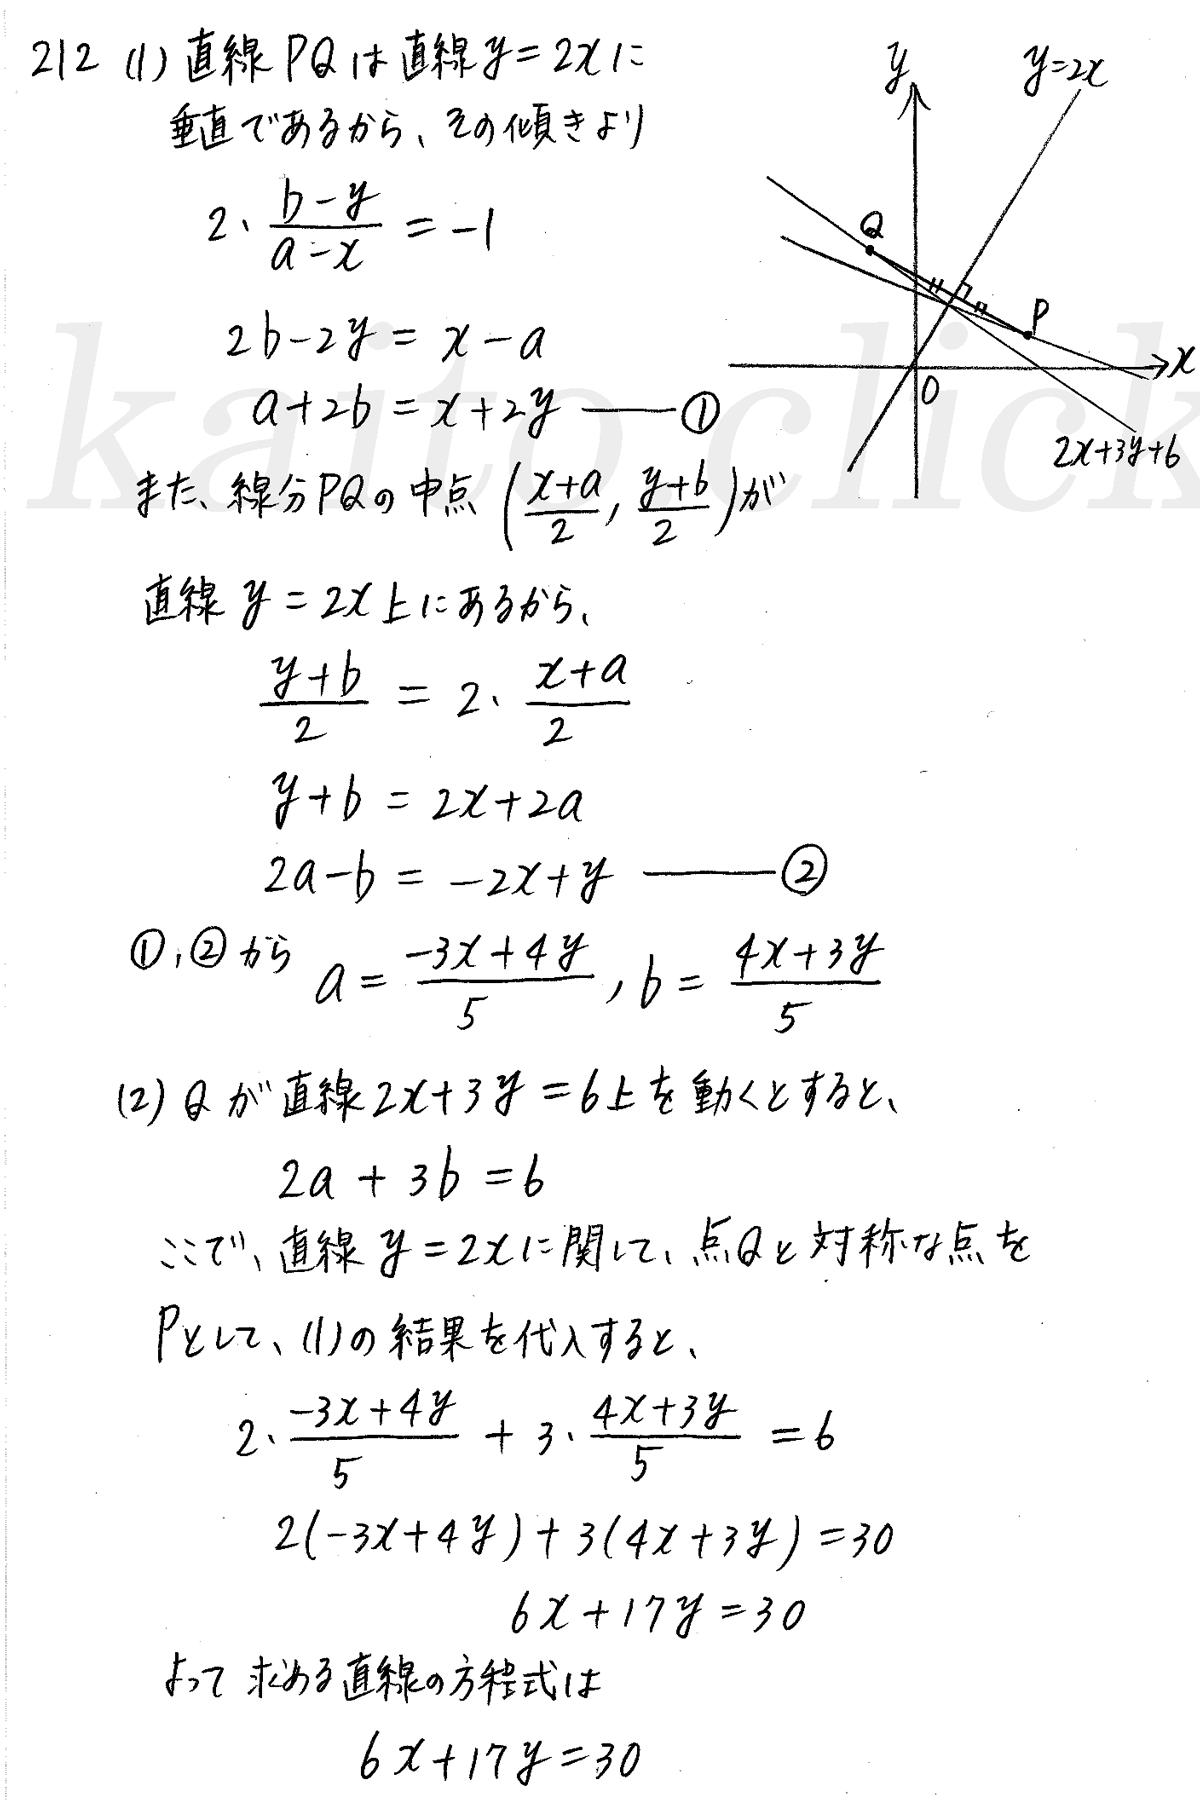 クリアー数学2-212解答